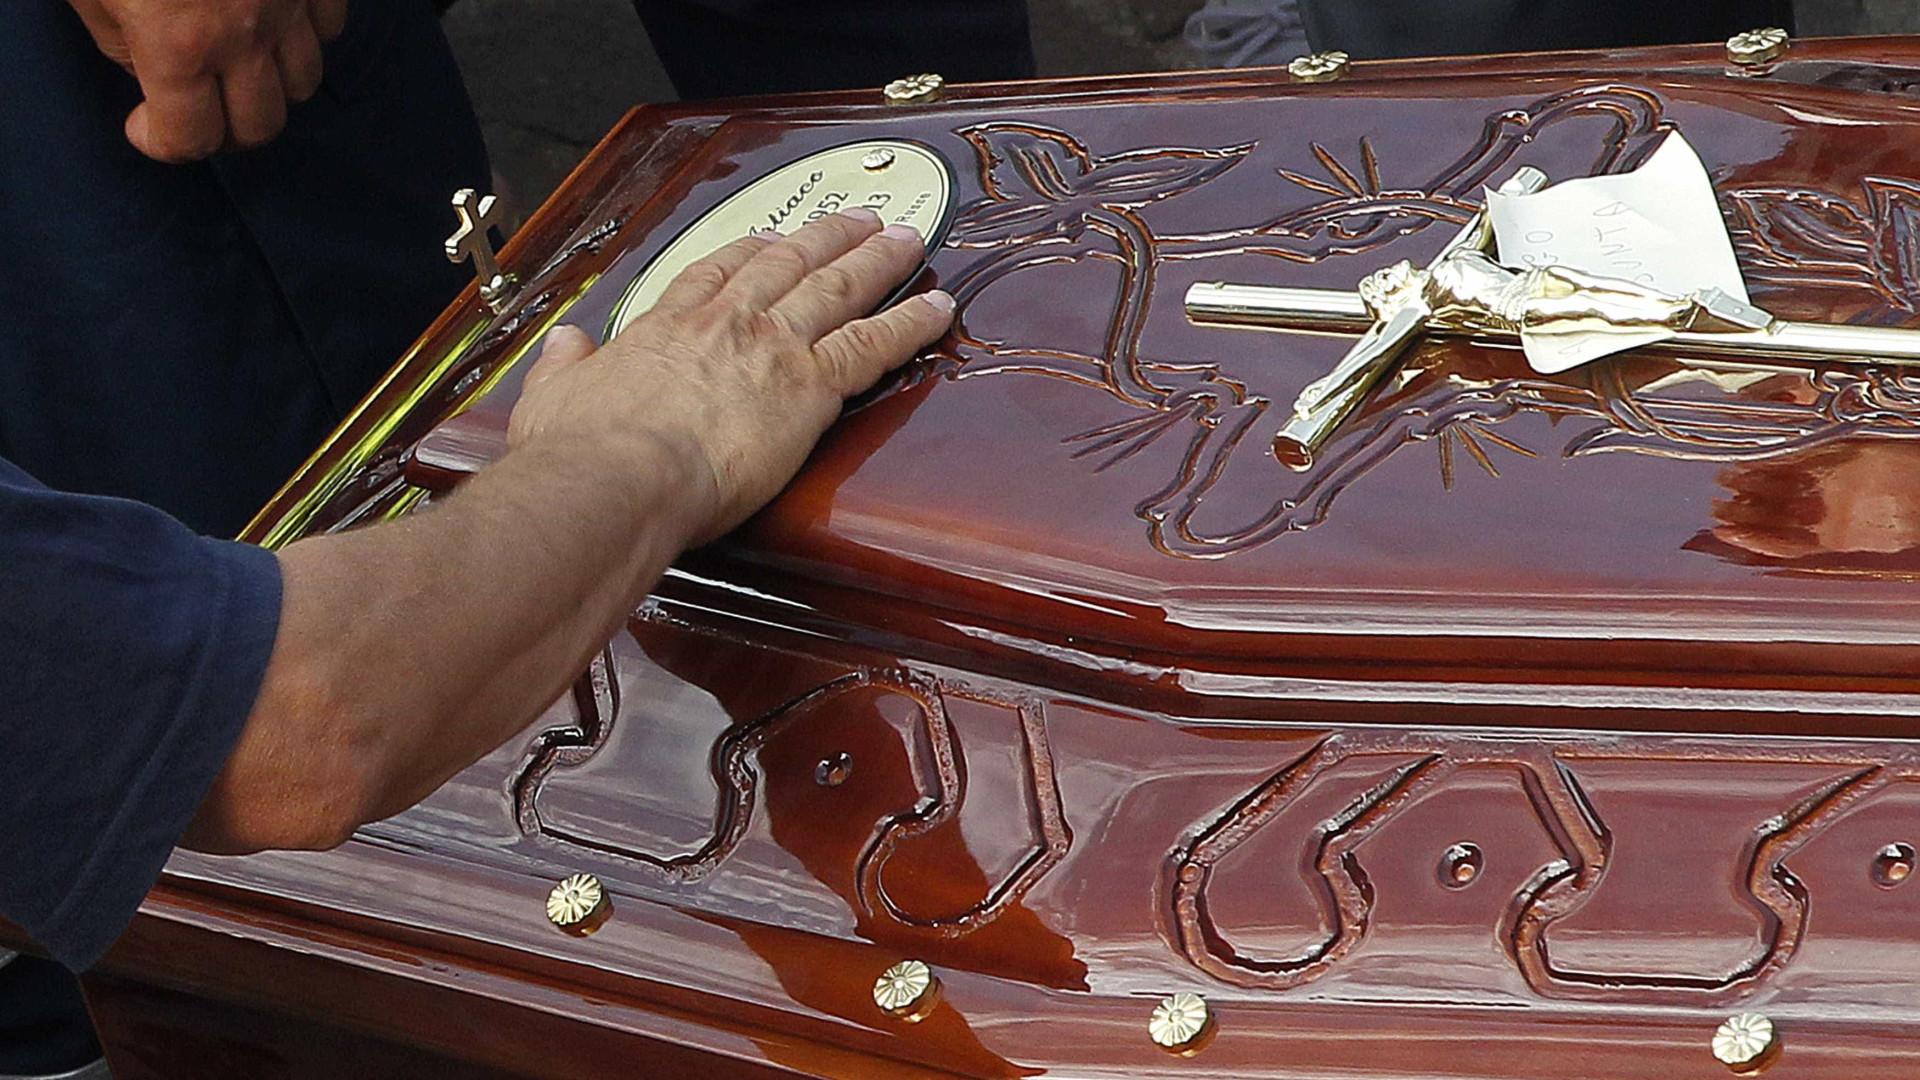 Mortos são mantidos em casa e tratados como vivos na Indonésia